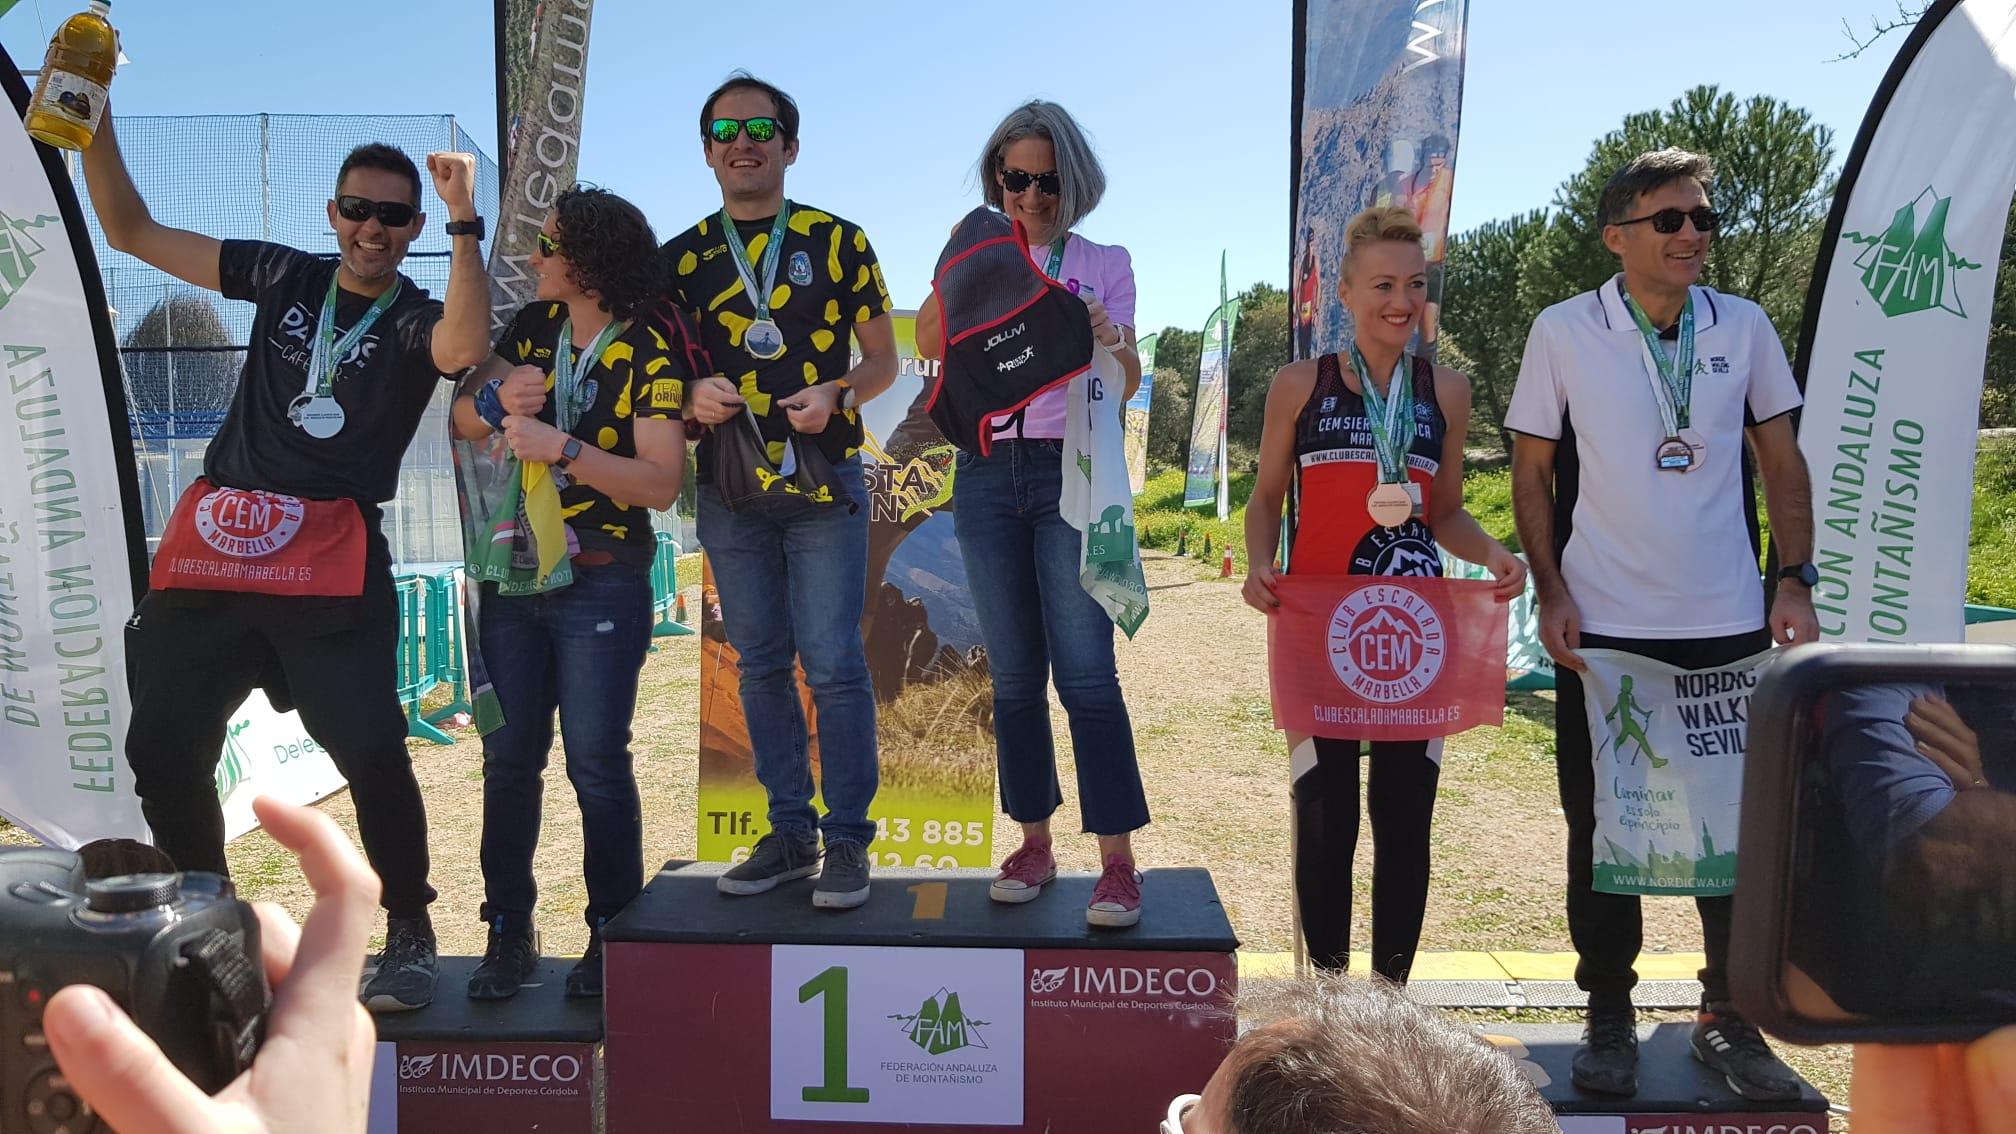 Kike Villanueva, Subcampeón de Andalucía de Marcha Nórdica 2020